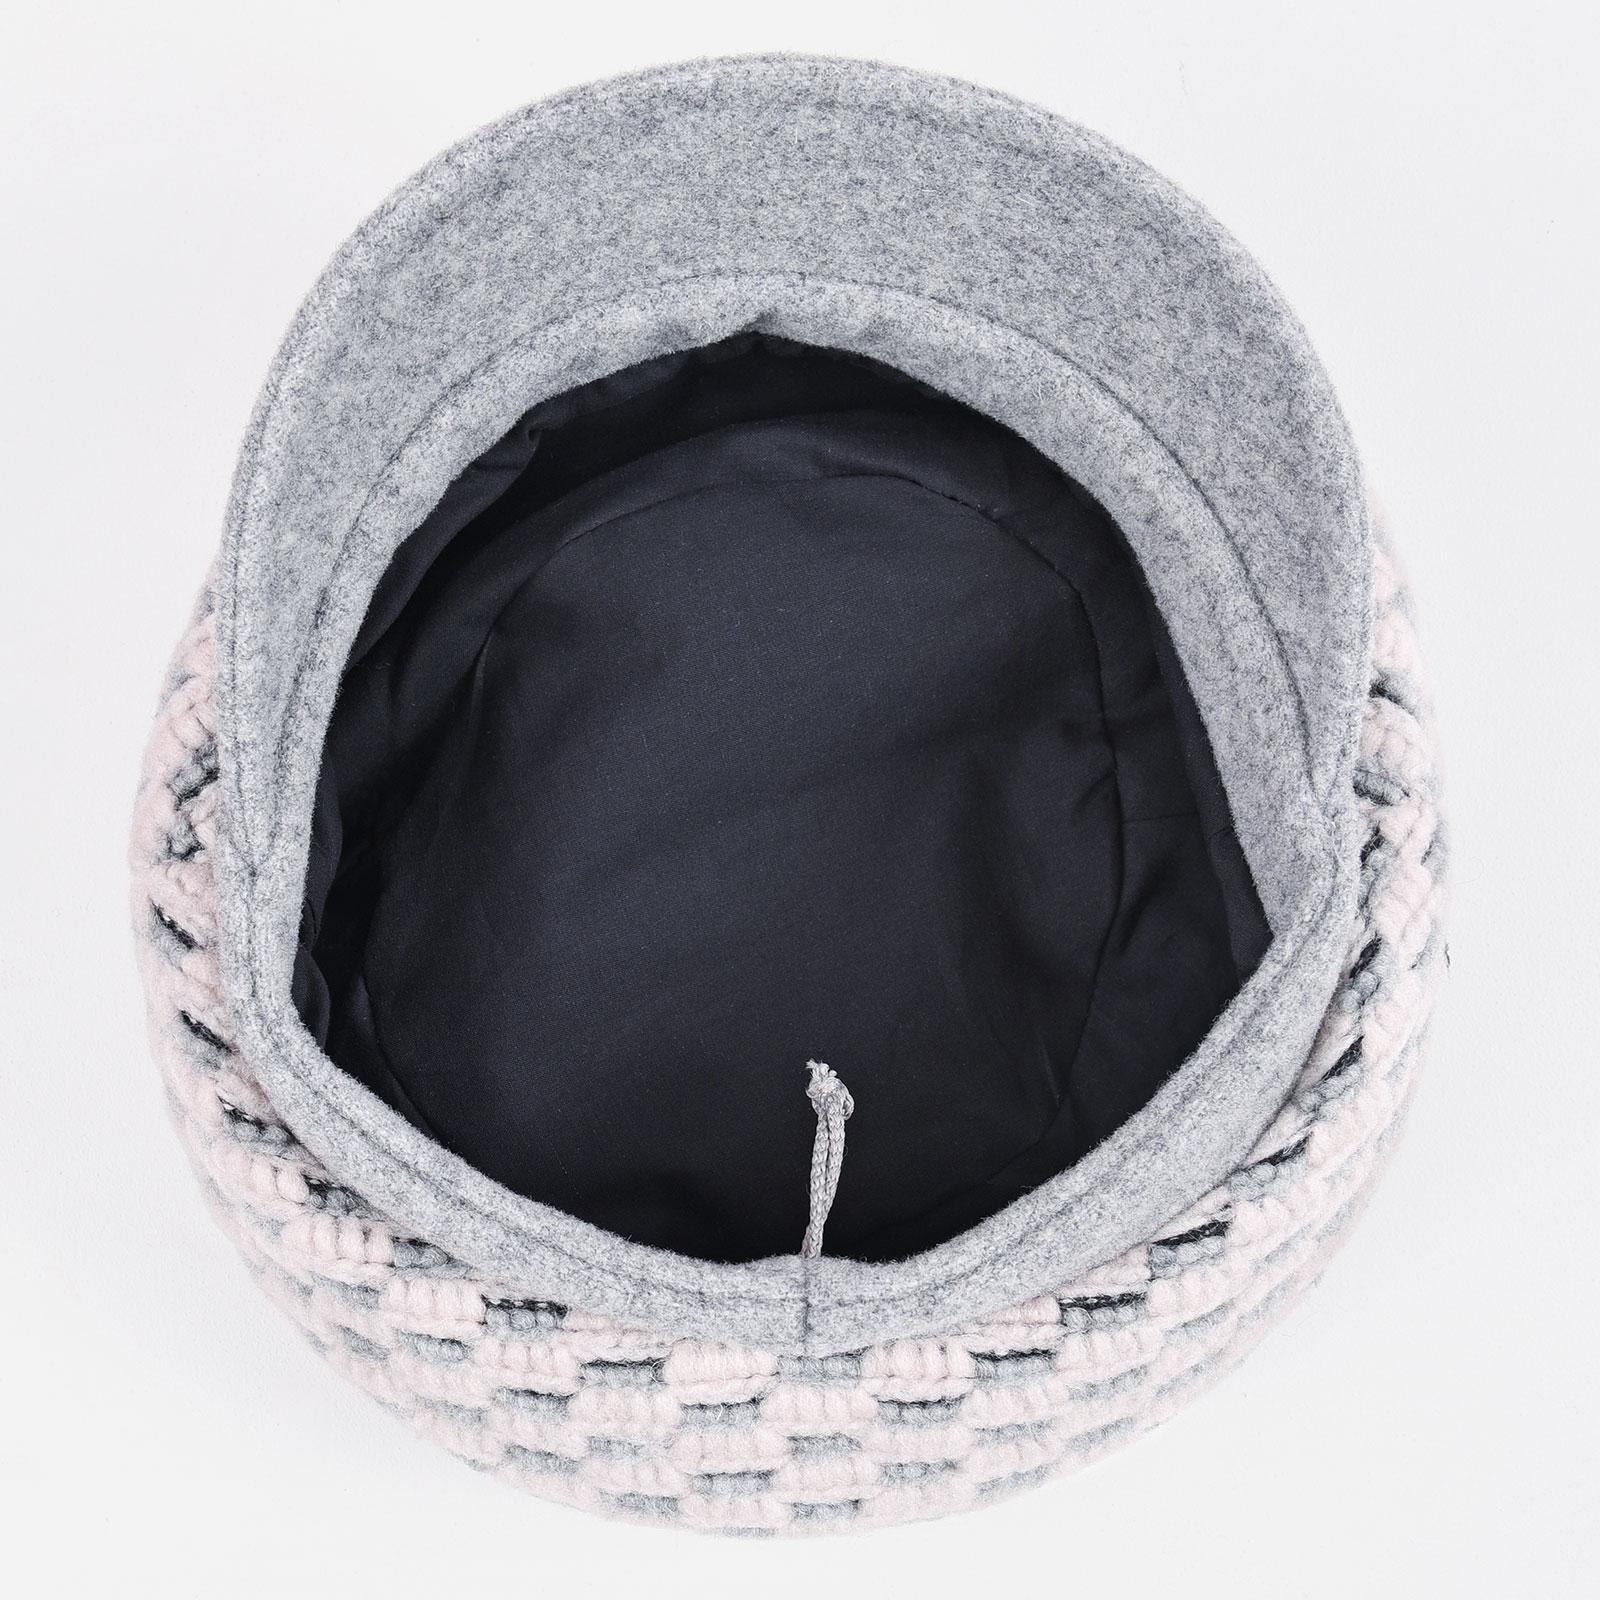 CP-01004-D16-casquette-laine-femme-grise-clair